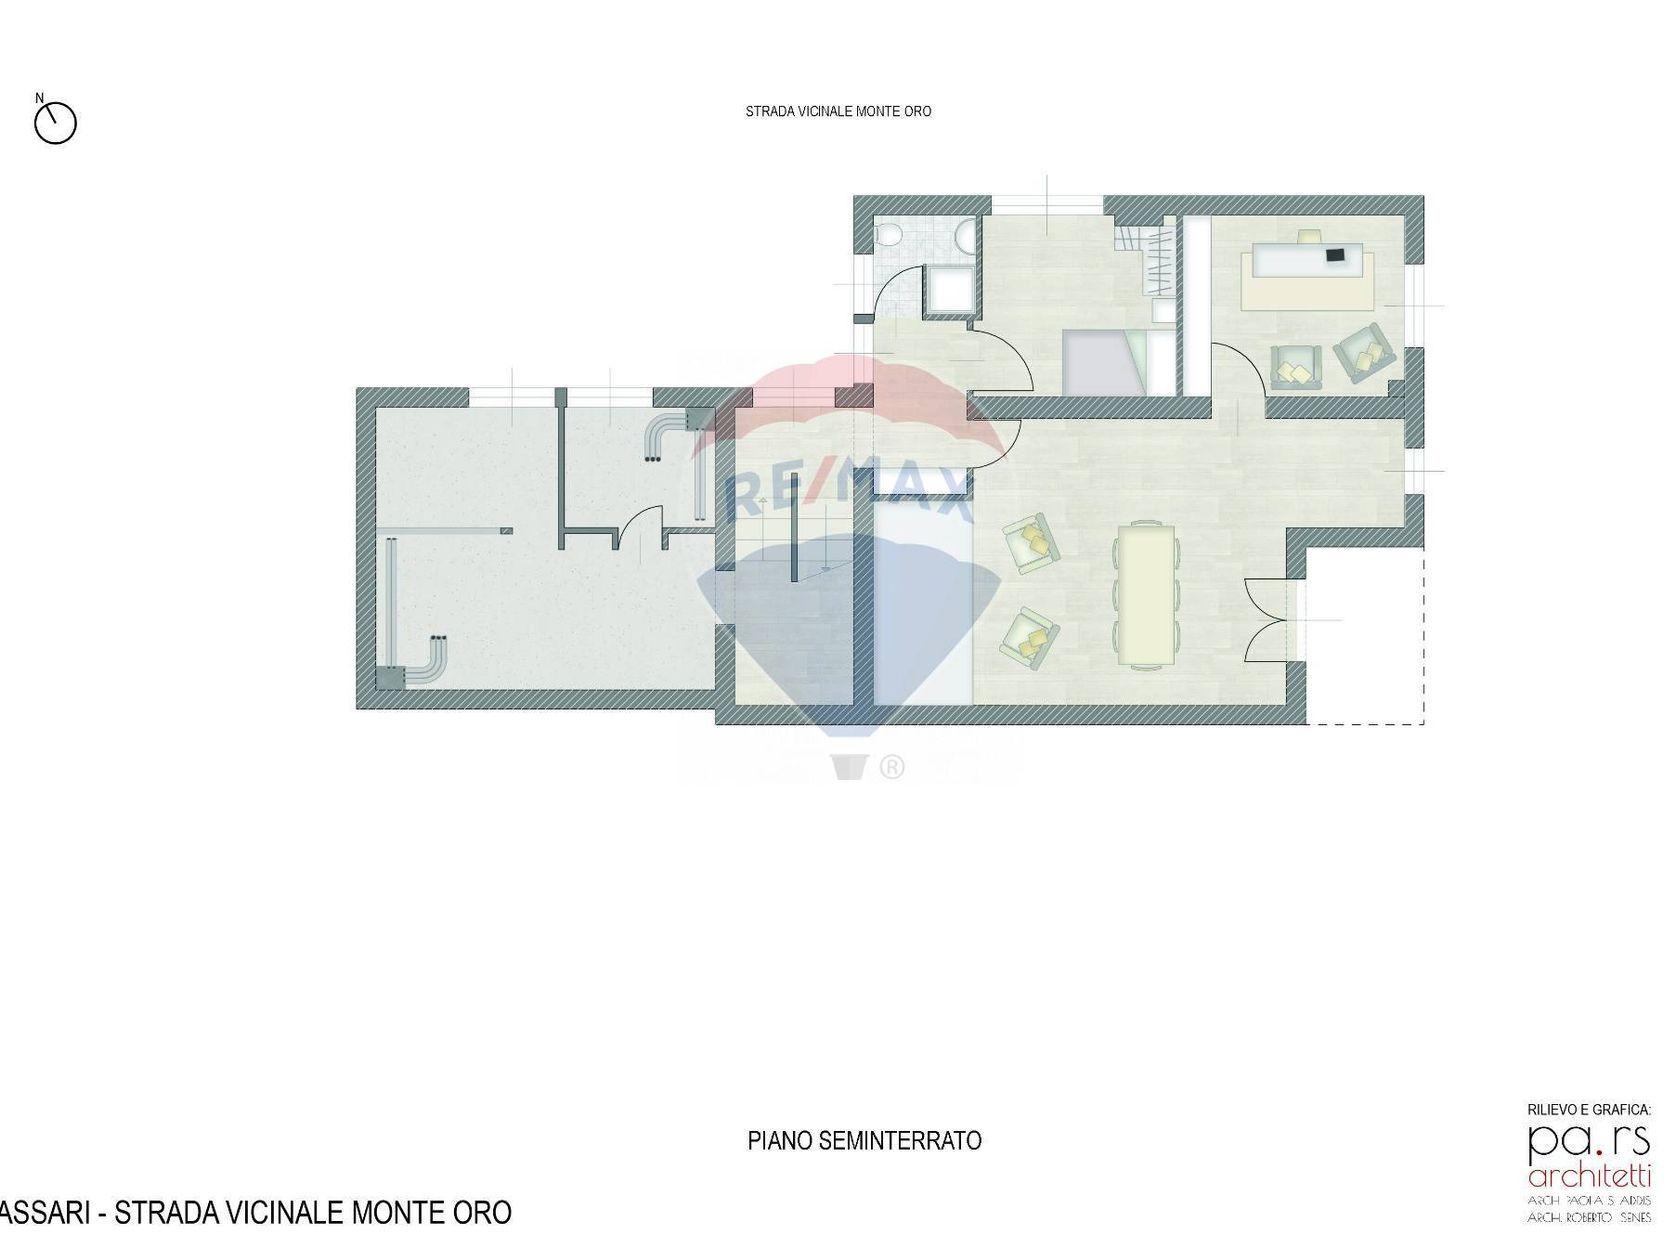 Villa singola Ss-li Punti, Sassari, SS Vendita - Planimetria 4